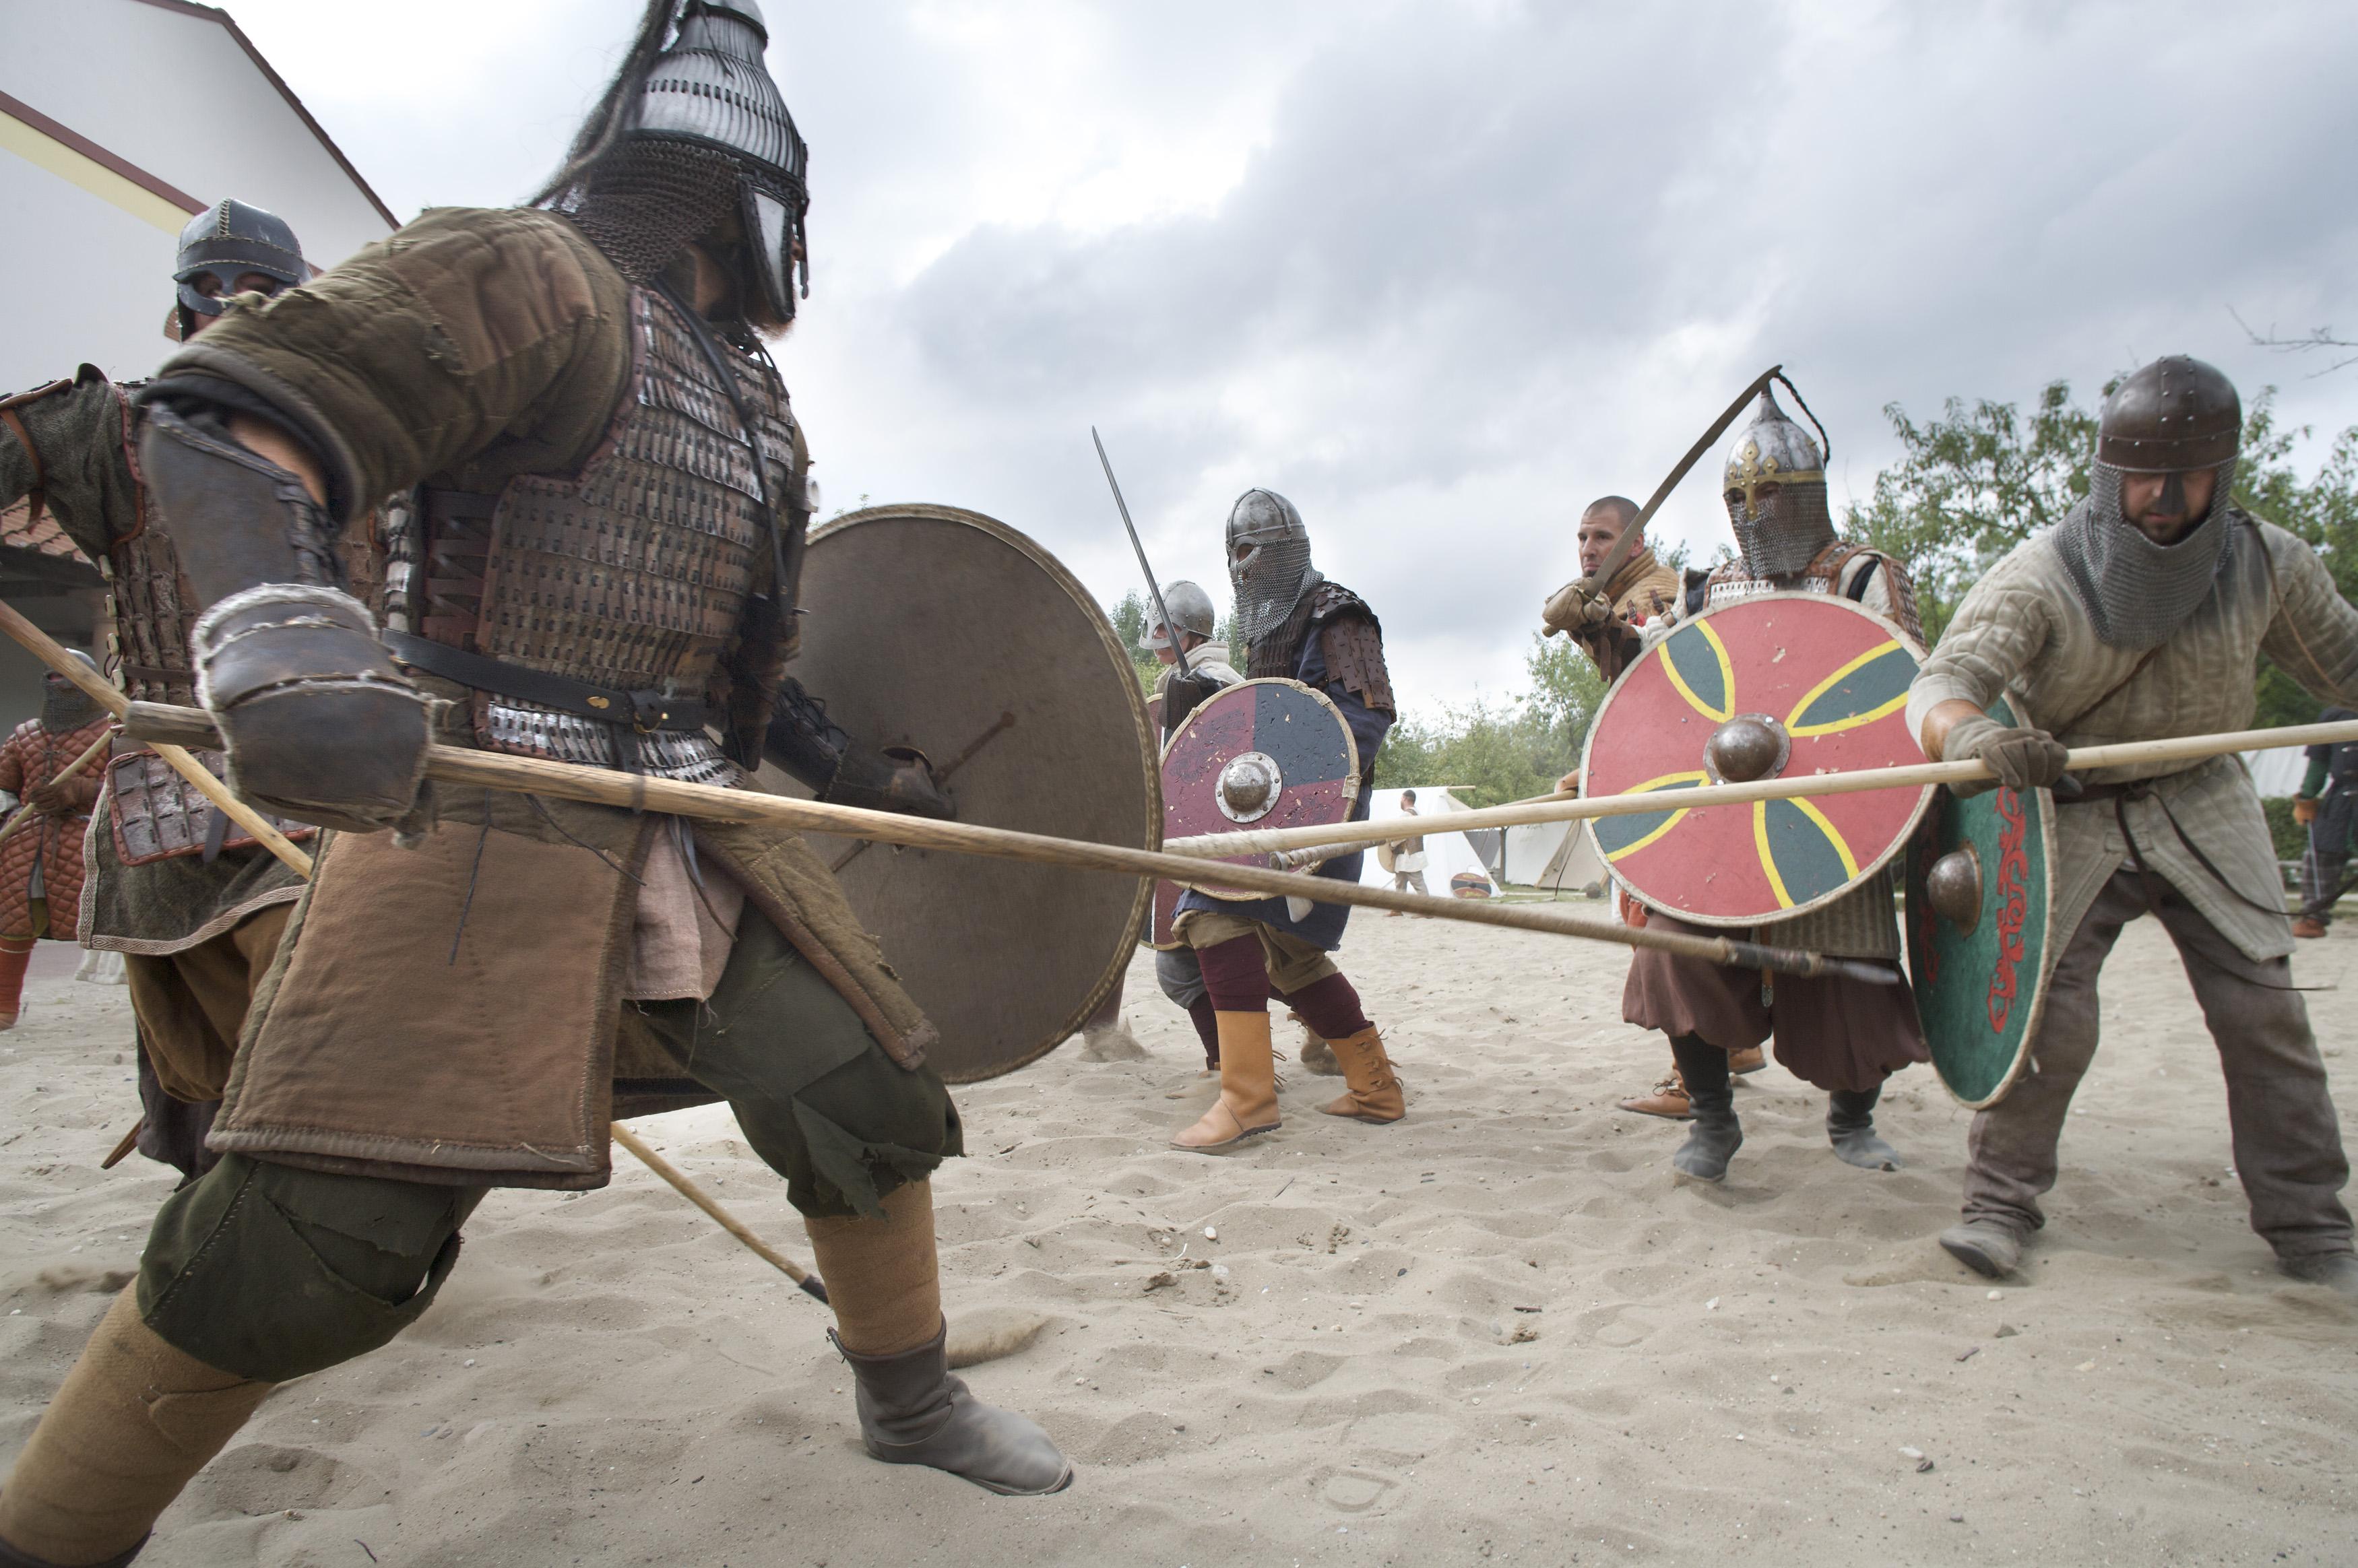 De Vikingen Veroveren Archeon Archeologie Online